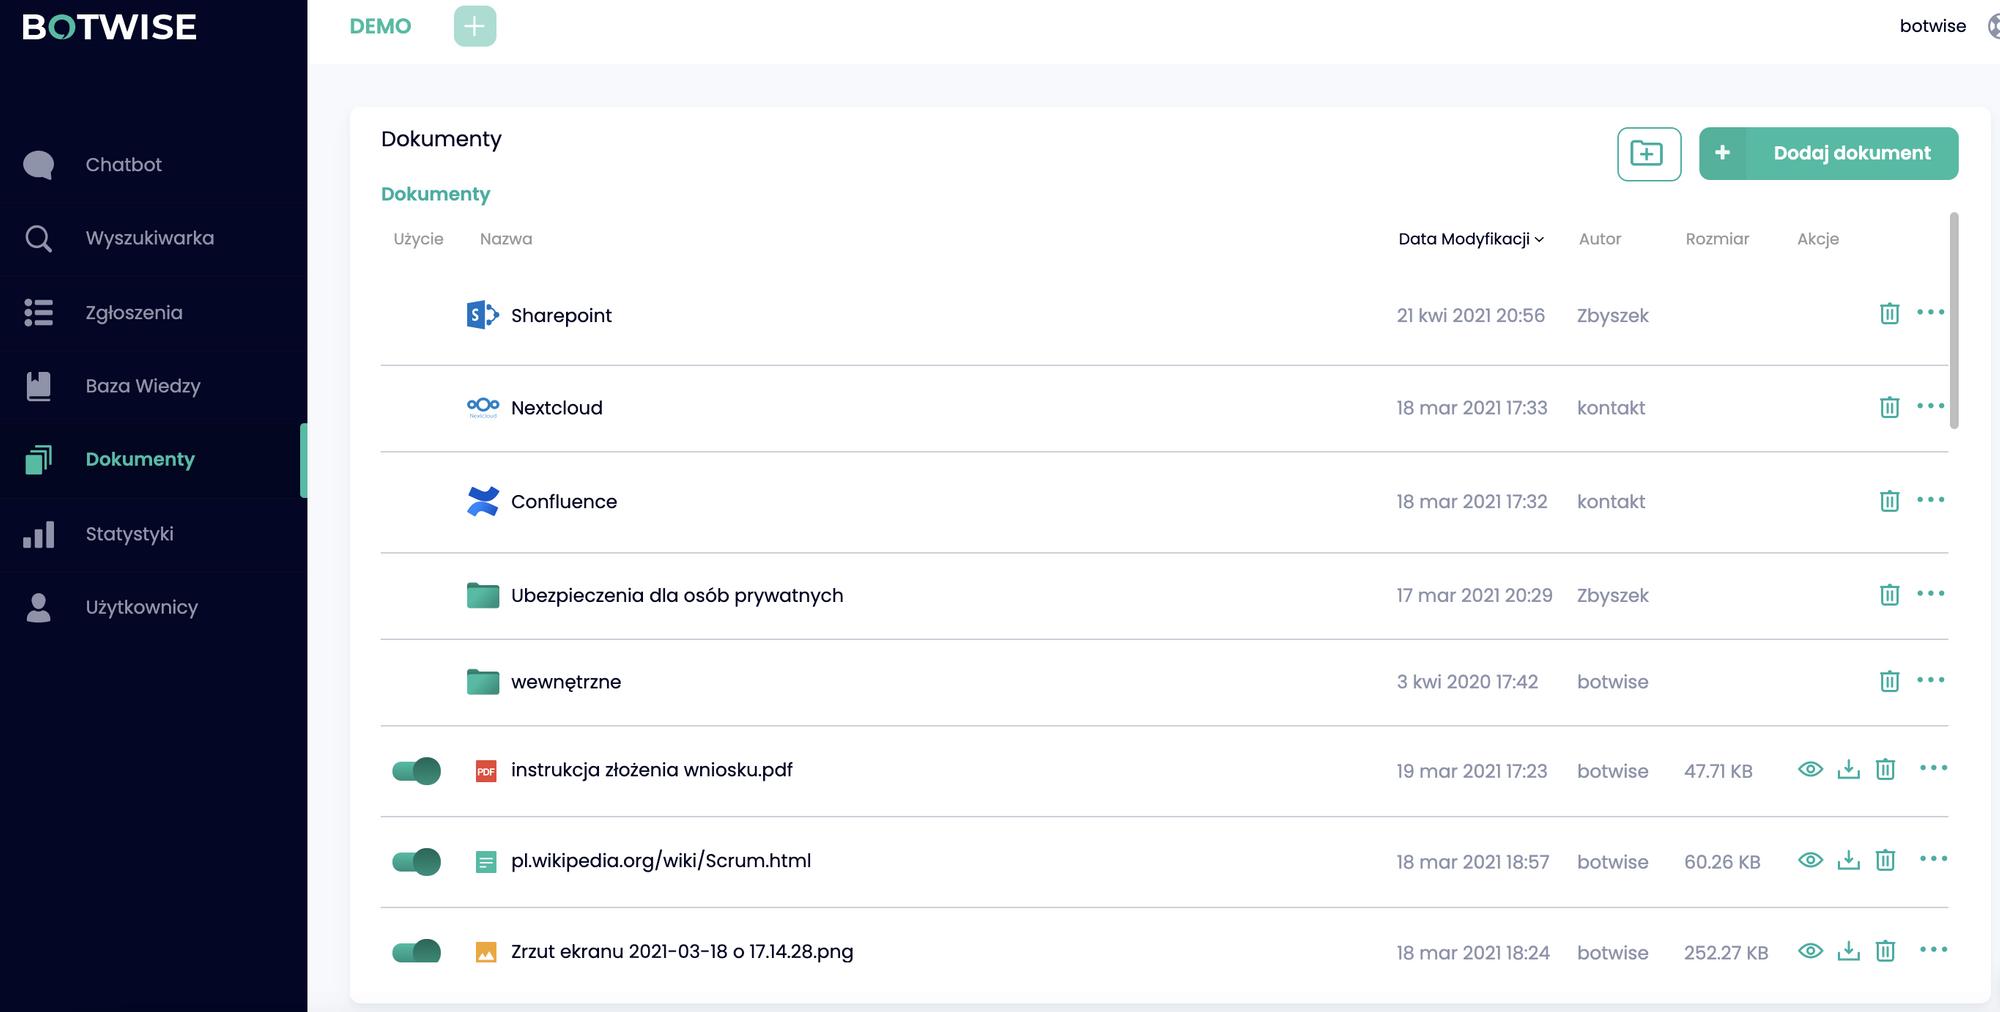 Baza wiedzy BOTWISE, ekran Dokumenty z wersji demo